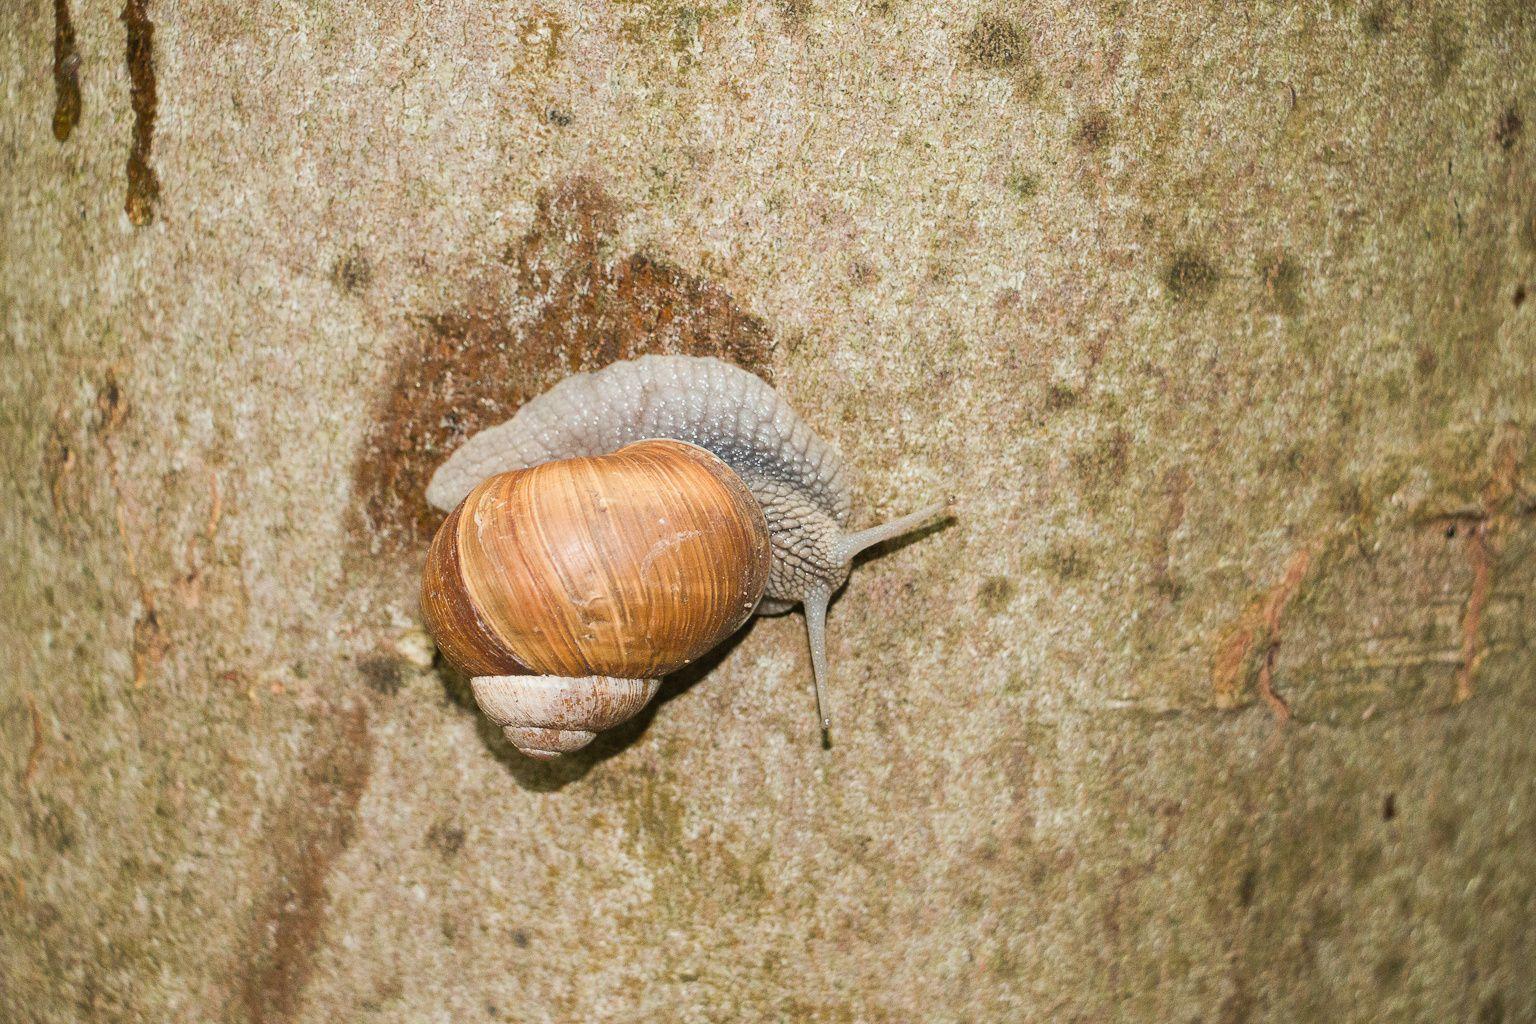 Escargot sur un arbre.